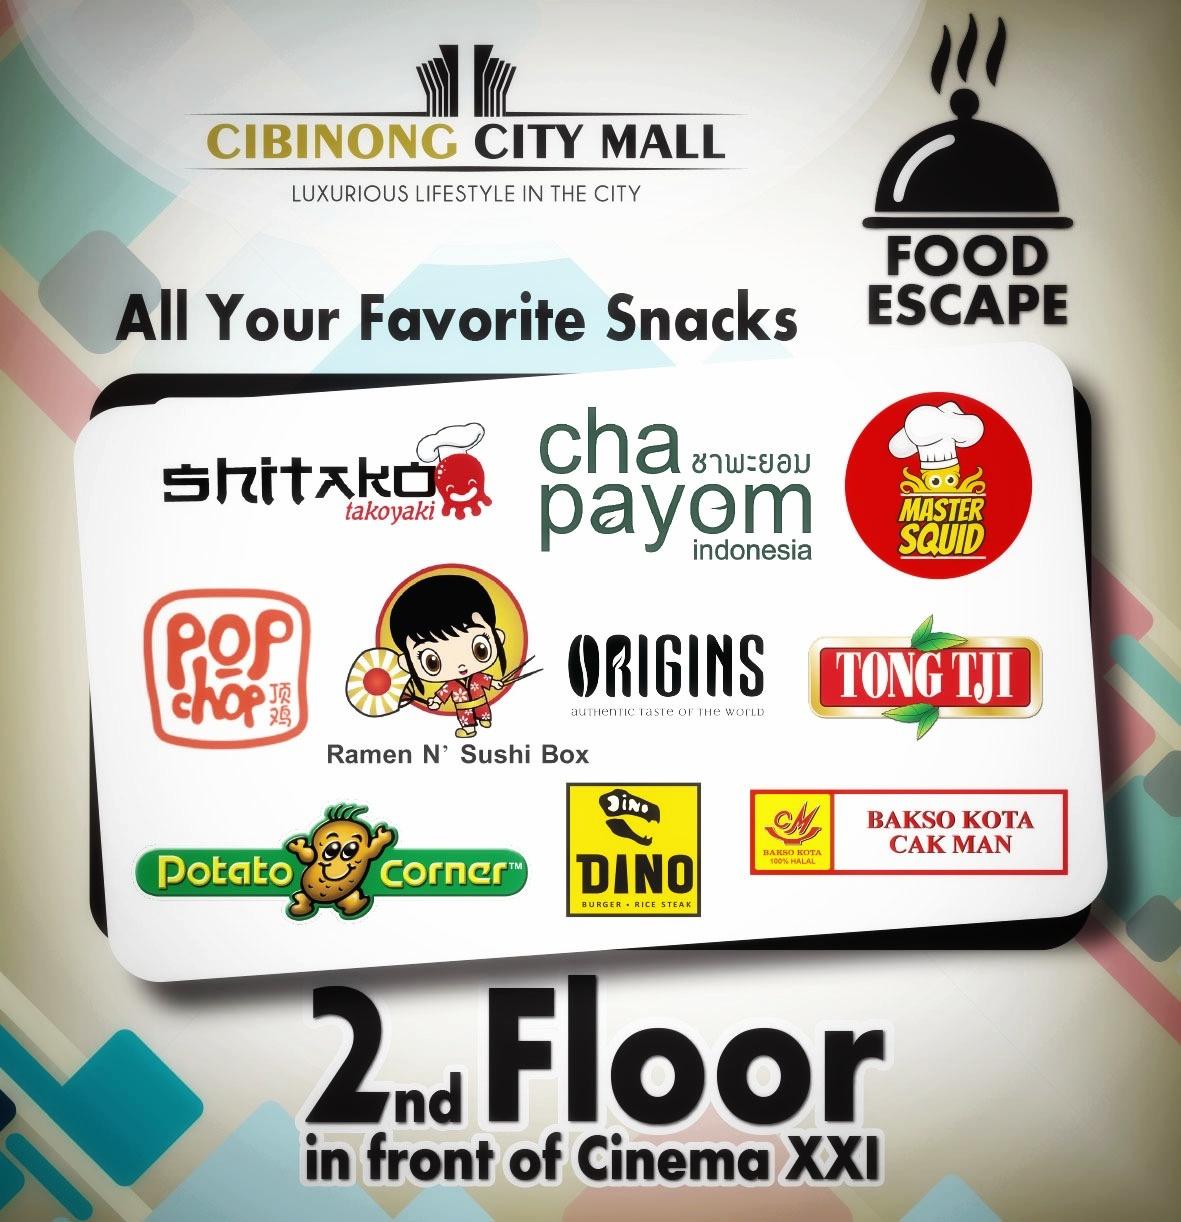 Menikmati Snack Favorit Di Food Escape Cibinong City Mall